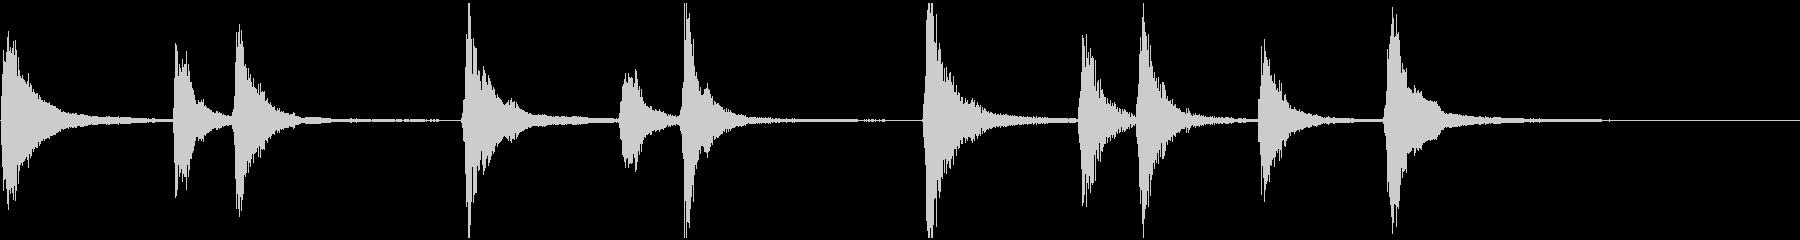 ピチカートのジングルの未再生の波形